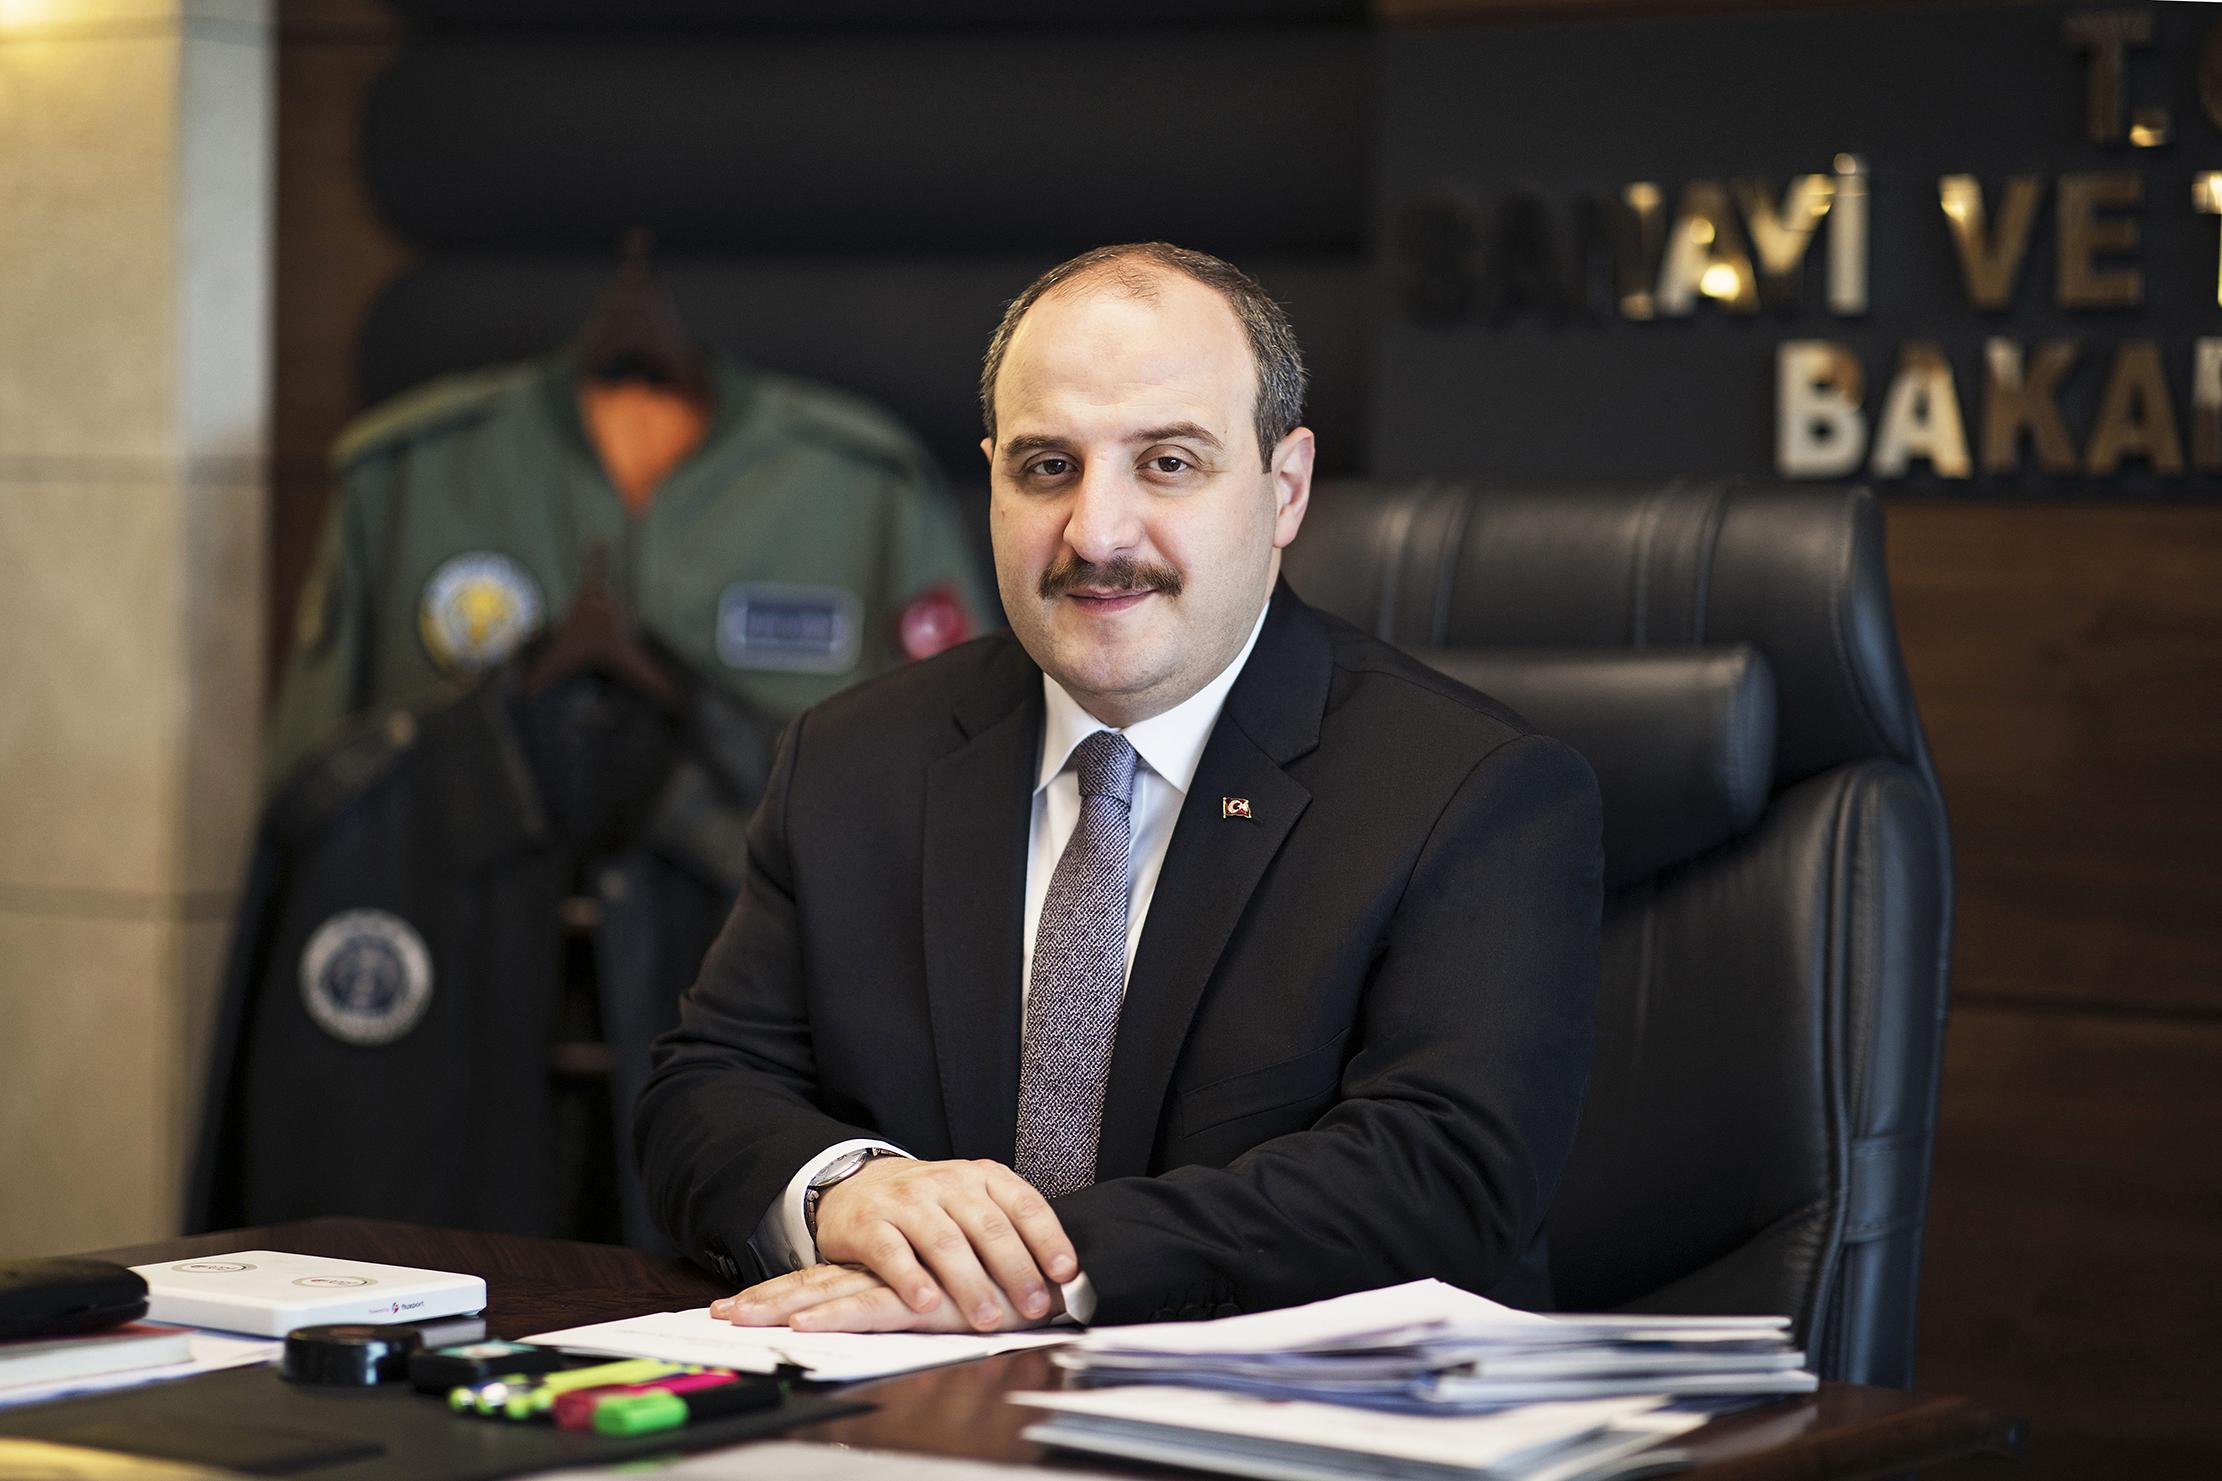 İHAların ardından yeni hedef uçan arabalar! Türkiye uçan arabalarda da dünya liderliğini hedefliyor